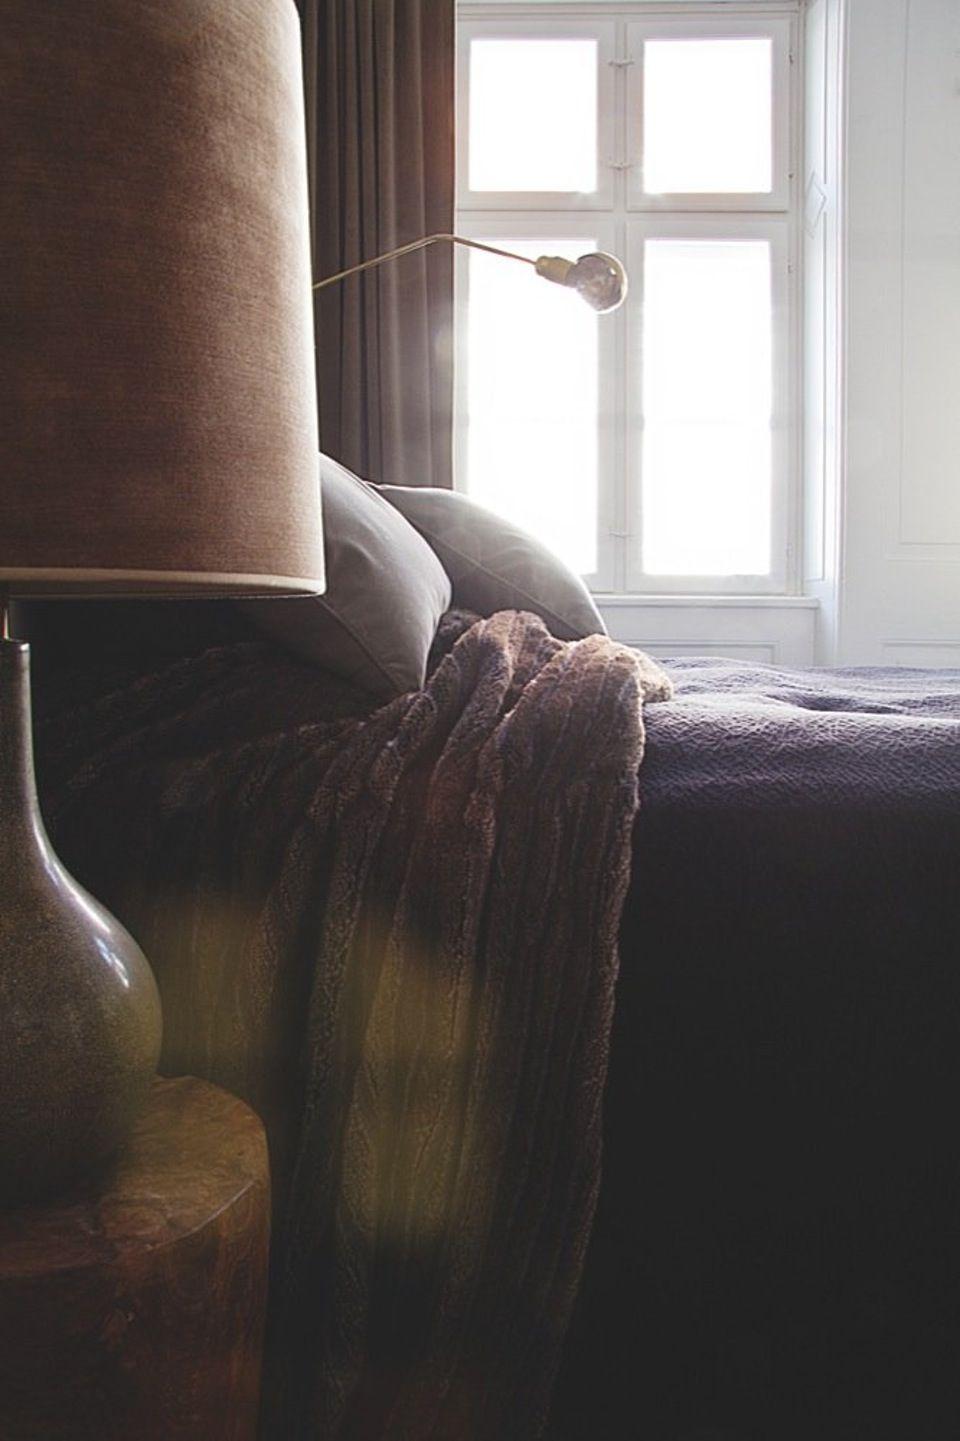 Dekadent ungkarlehybel (With images) | Indoor hammock bed